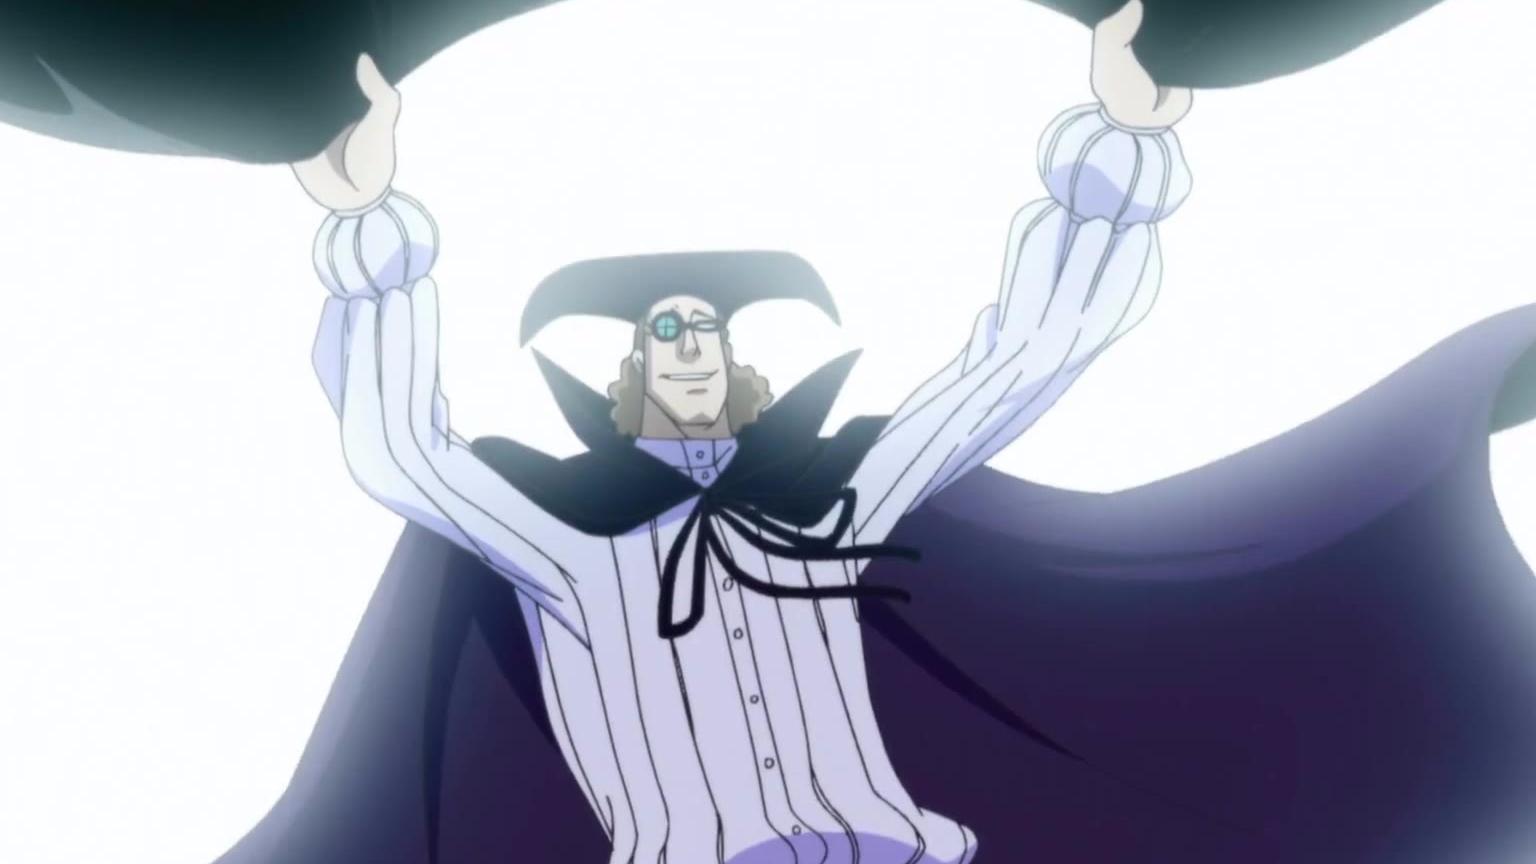 海贼王:幕布下,黑胡子夺取能力可能是场骗局?